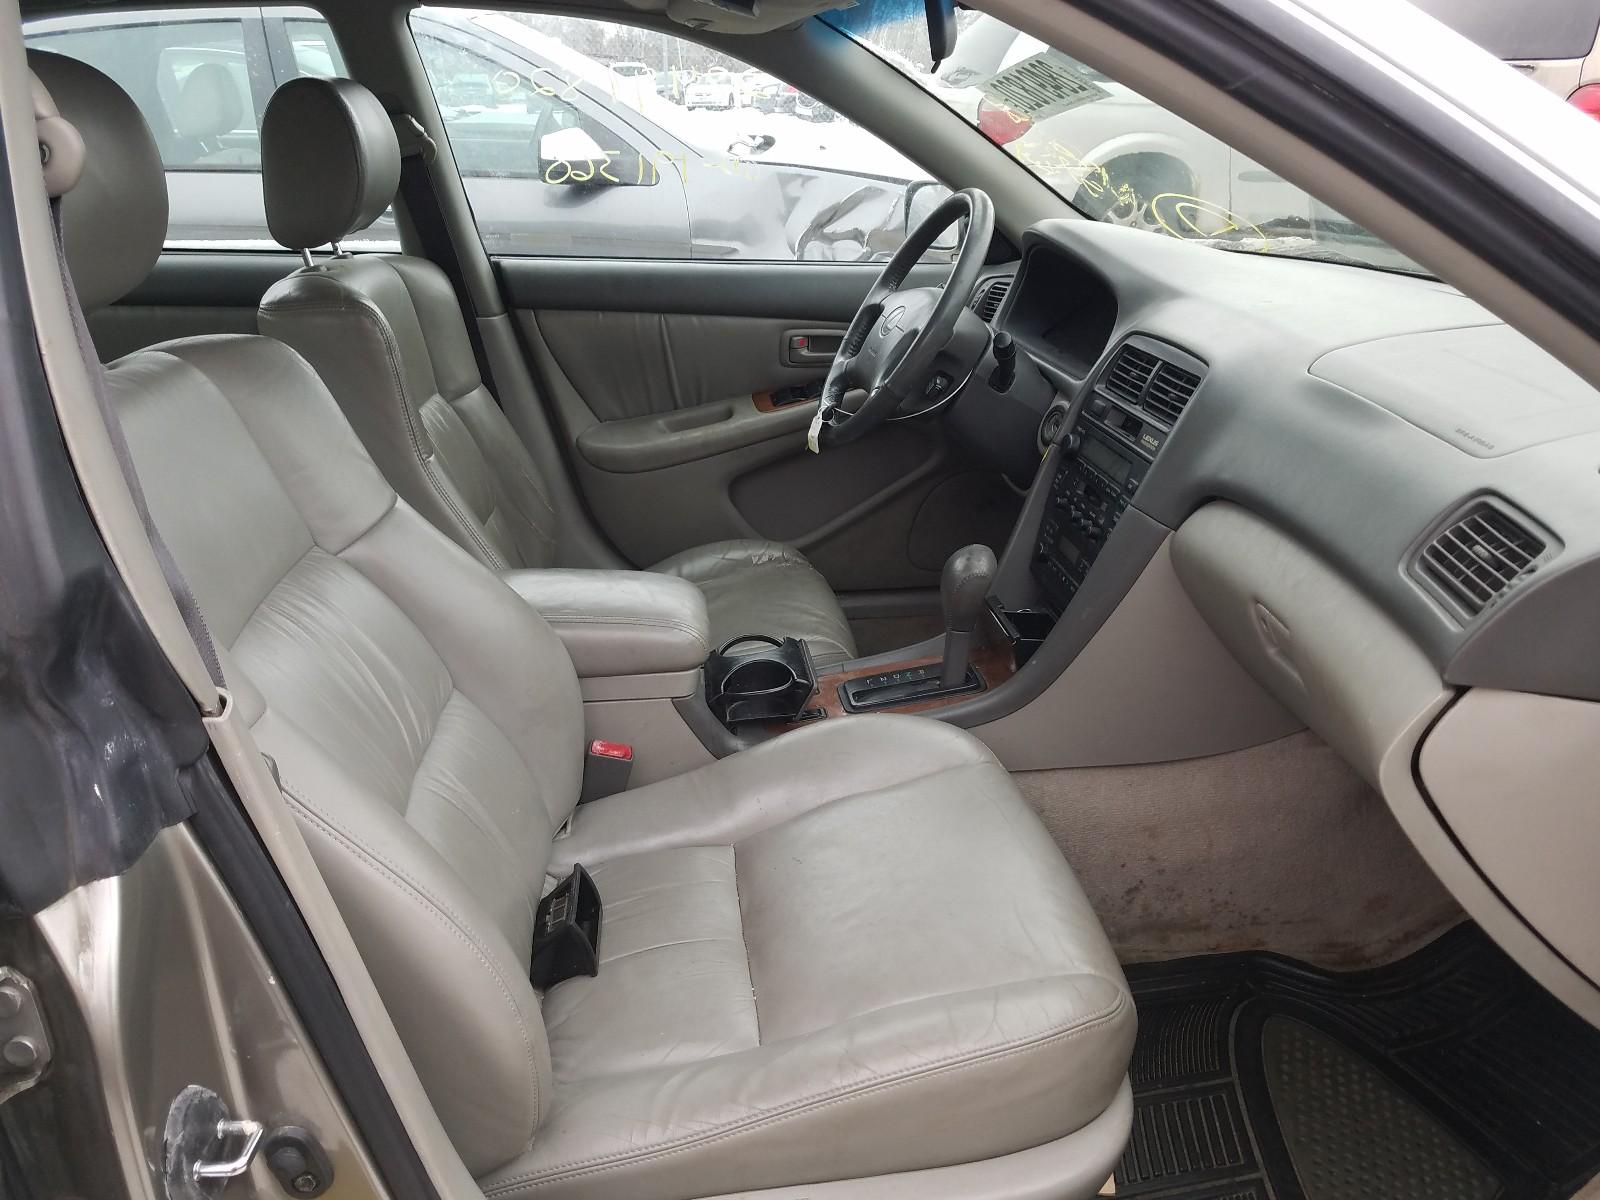 JT8BF28GXX0222882 - 1999 Lexus Es 300 3.0L close up View